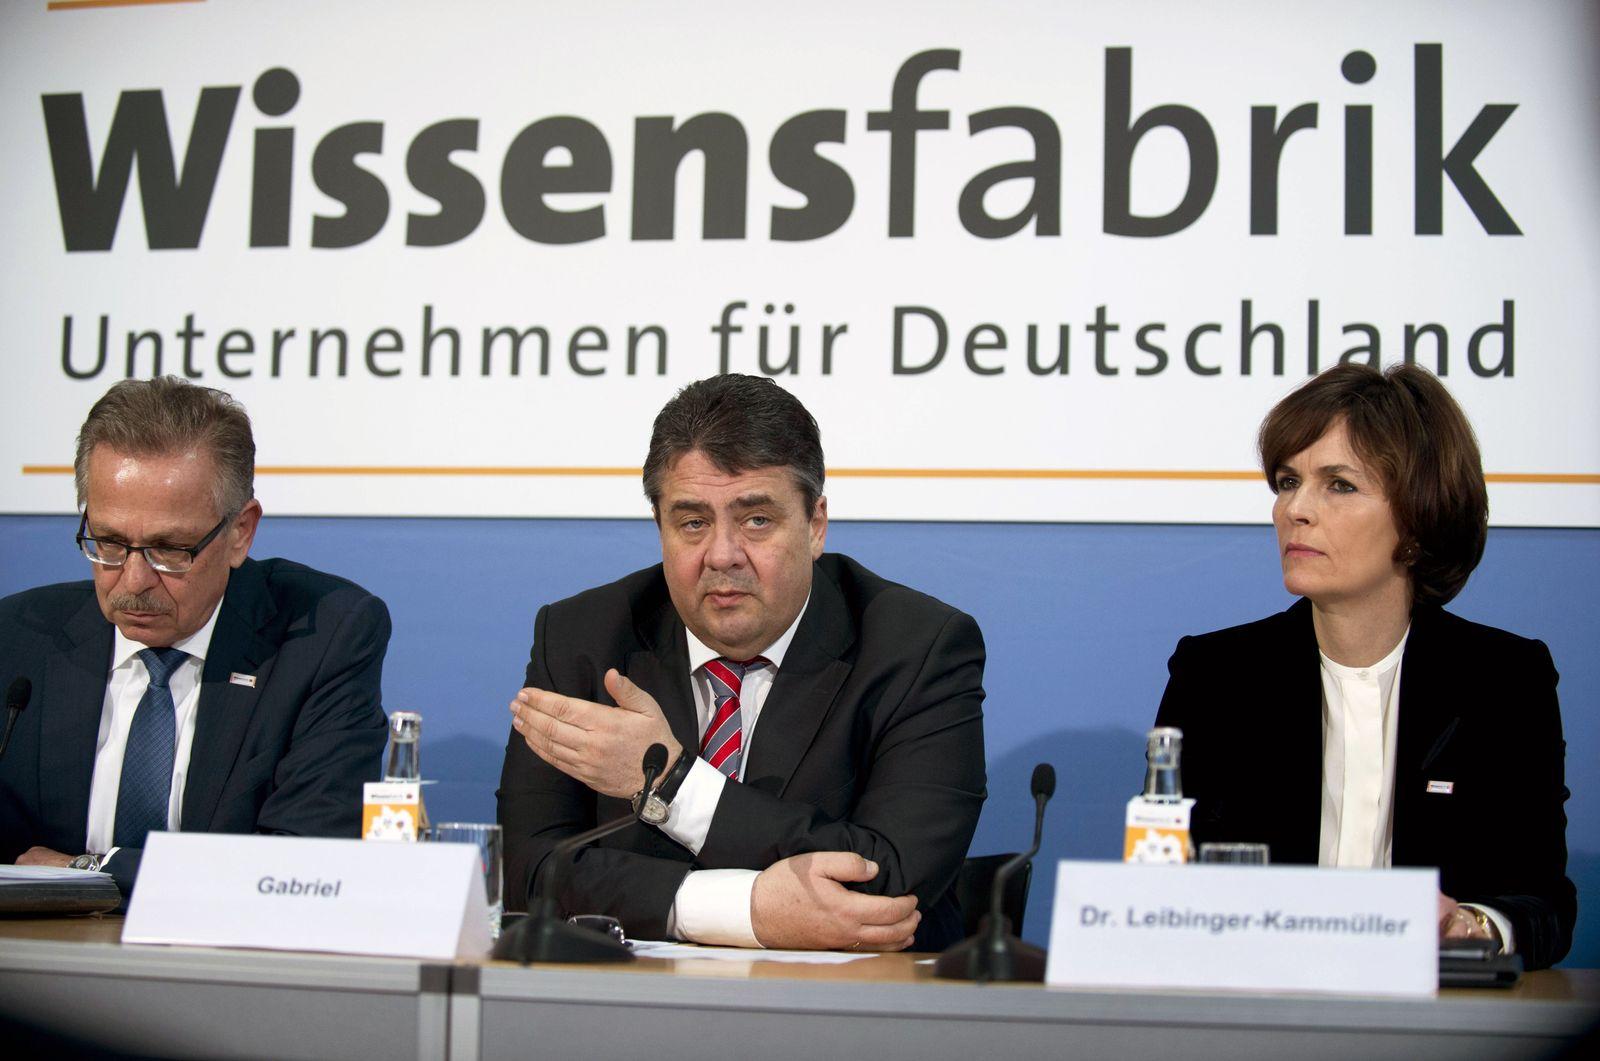 EINMALIGE VERWENDUNG Fehrenbach / Gabriel, /Leibinger-Kammueller / Wissensfabrik